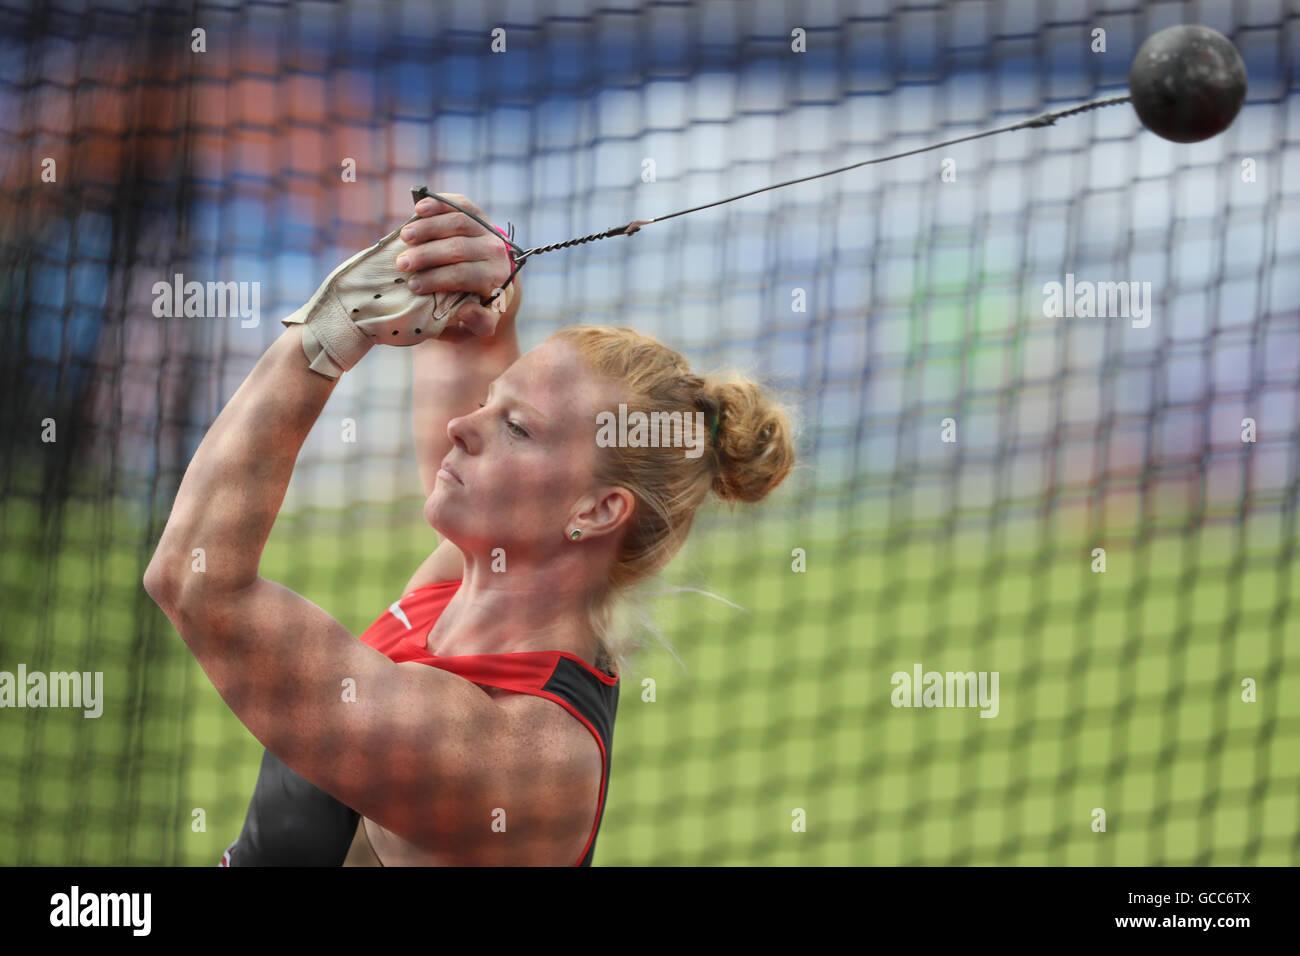 Amsterdam, Países Bajos. 08 de julio, 2016. Betty Heidler de Alemania compite durante el lanzamiento de martillo Imagen De Stock